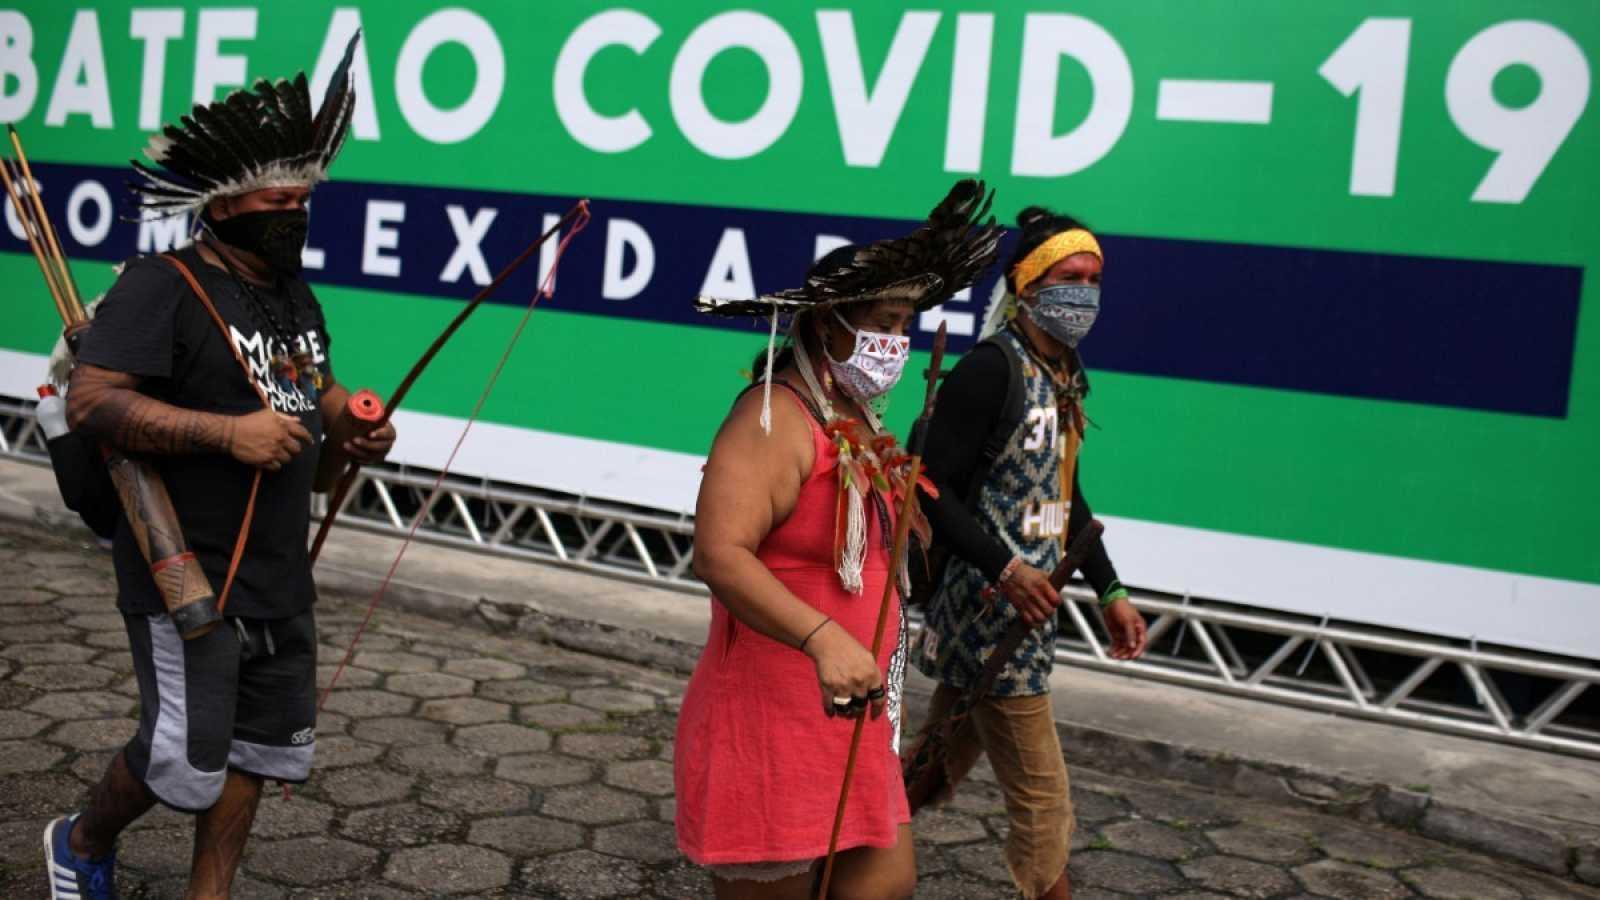 El Gobierno brasileño restringe los datos de coronavirus en plena pandemia y levanta críticas